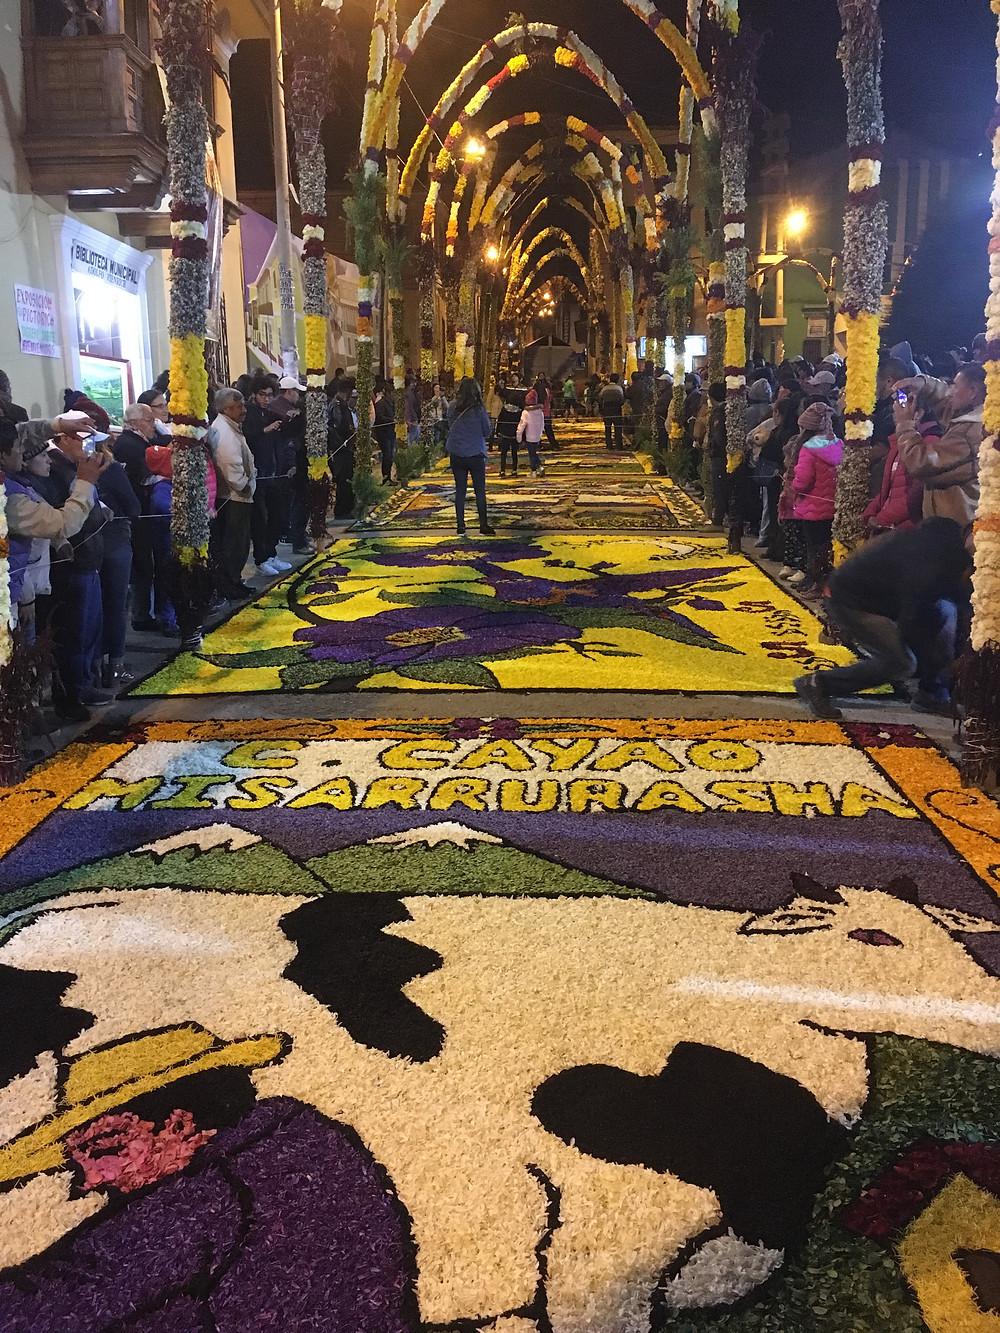 Alfombras de Flores for Semana Santa in Tarma